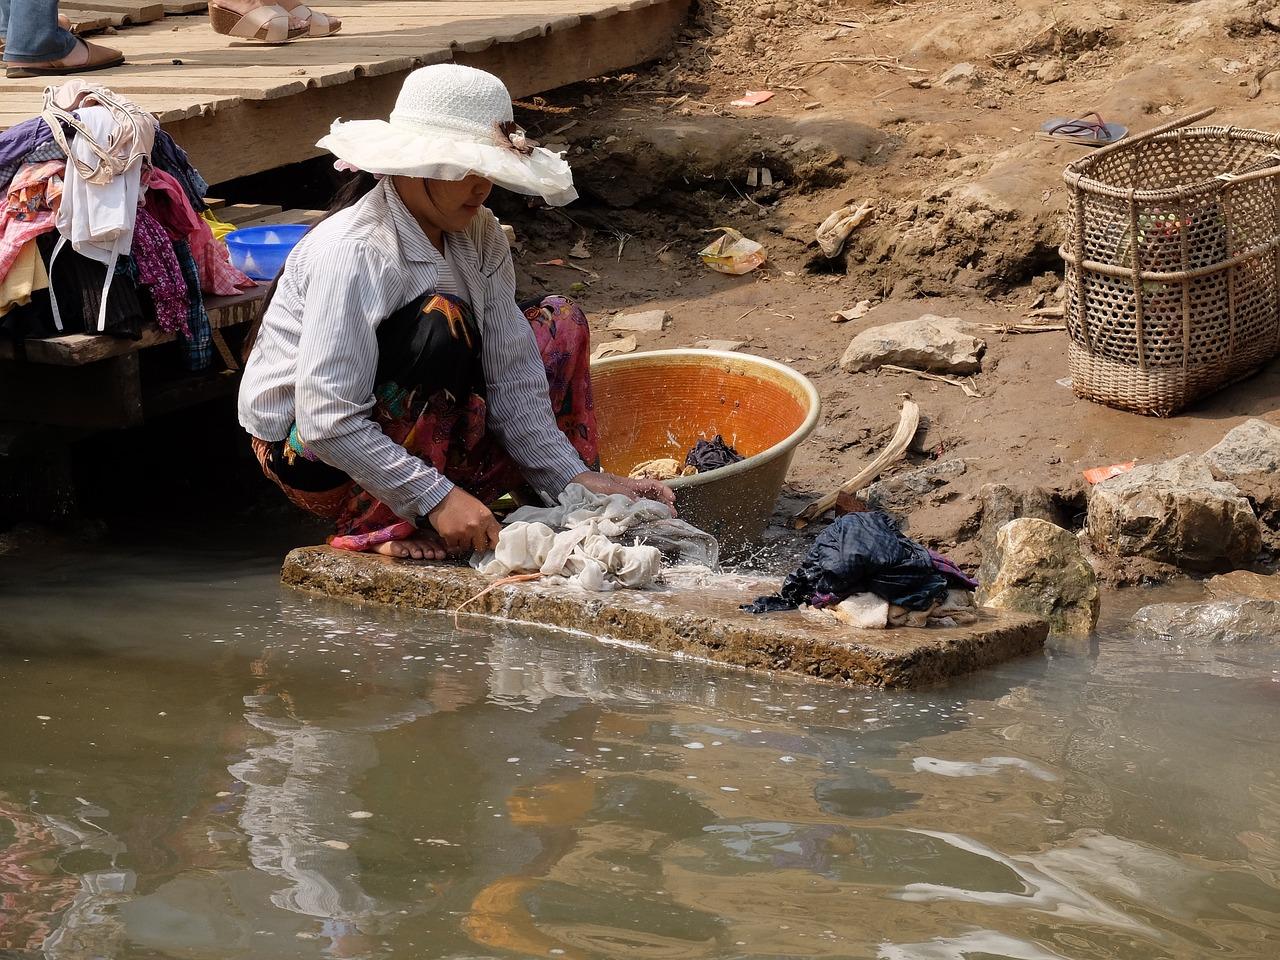 女人梦见河水变红 梦见河水变成血色的